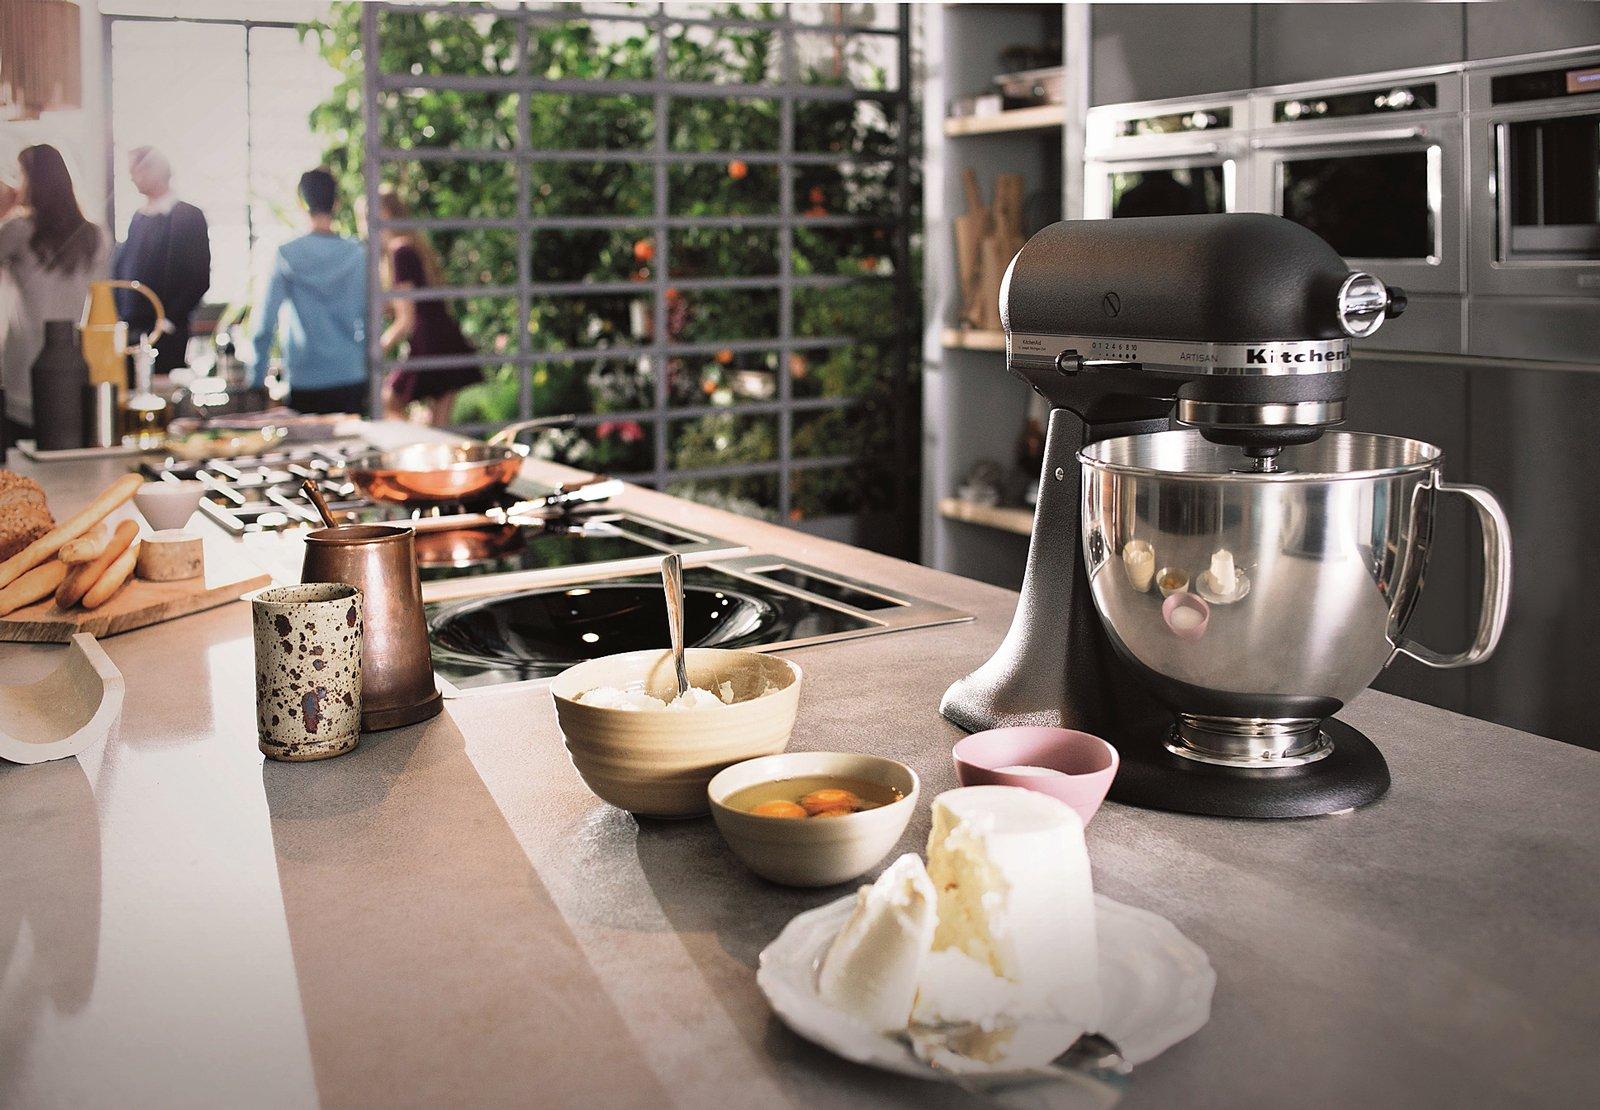 Planetaria: muscoli d\'acciaio per impastare in cucina - Cose di Casa